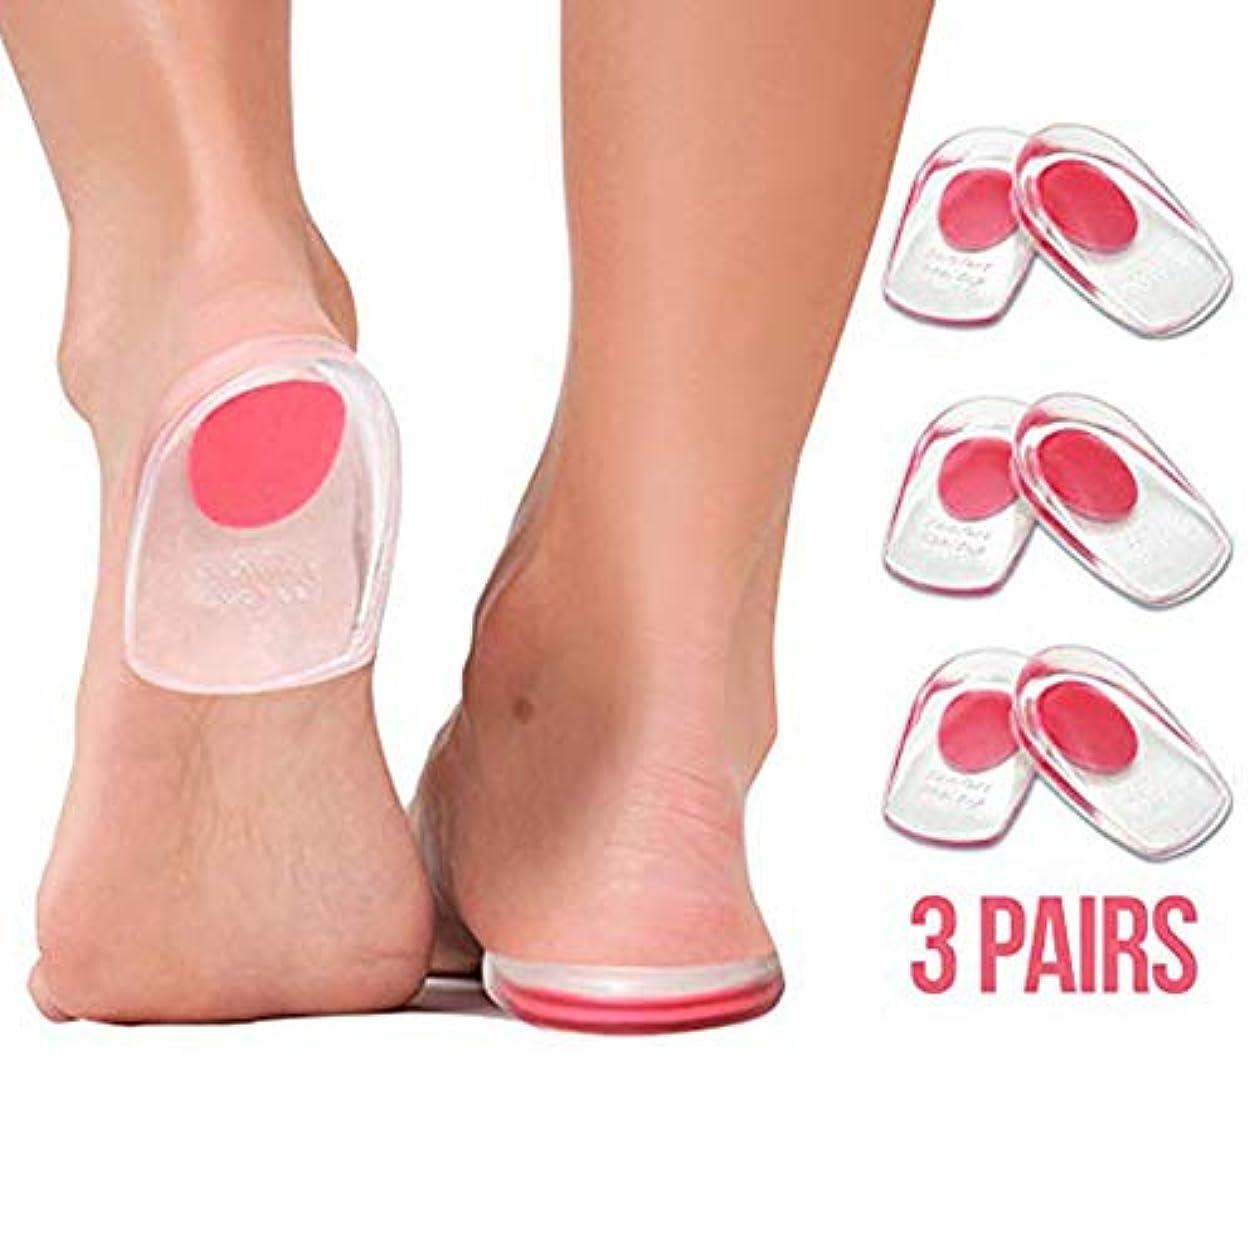 フィード縁タイルゲル ヒールカップ 足底筋膜炎 挿入物、 マッサージ ハイヒール 滑り止め 疼痛 パッド、 シリコーン ヒール カップ パッド、 にとって 骨棘 痛みを軽減する プロテクター、 インソール ゲル 処理,Pink